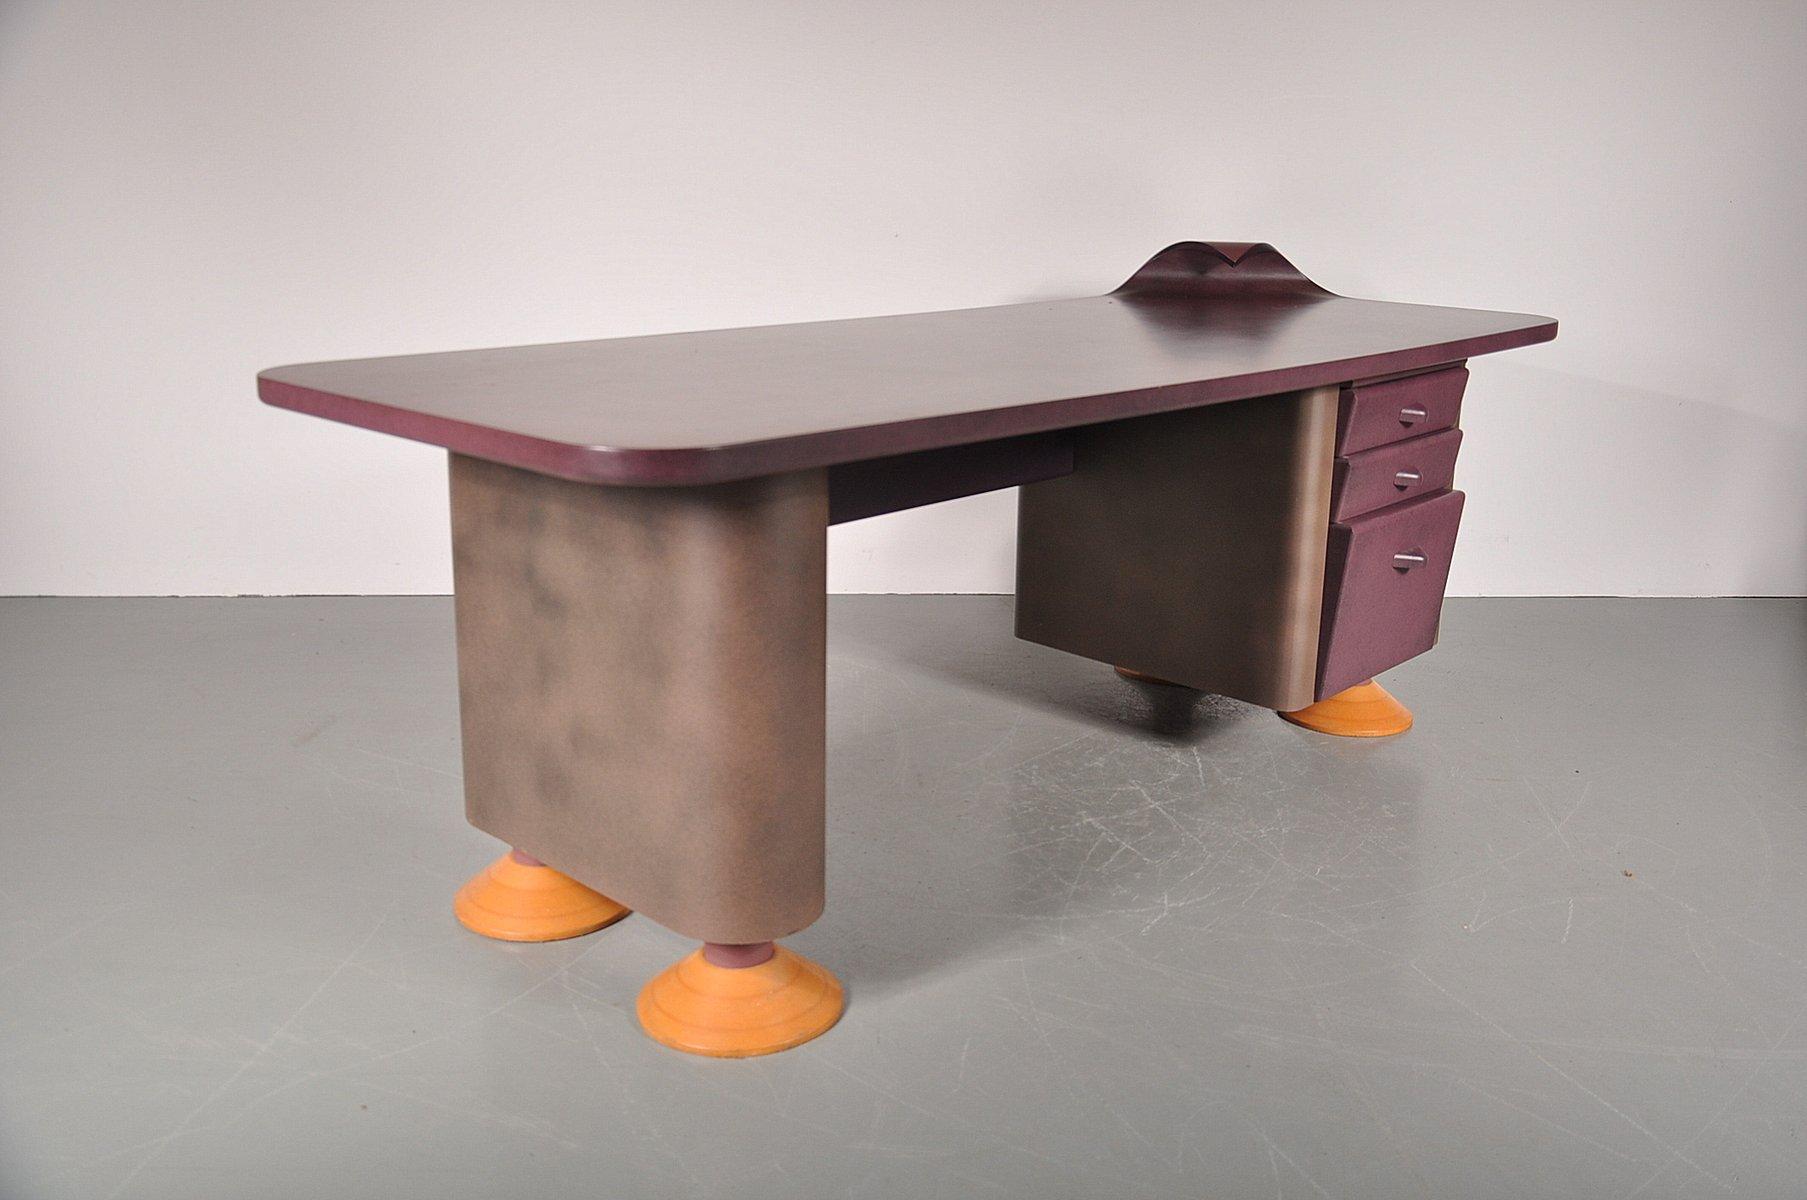 postmoderner schreibtisch mit geschwungener ecke 1980er. Black Bedroom Furniture Sets. Home Design Ideas